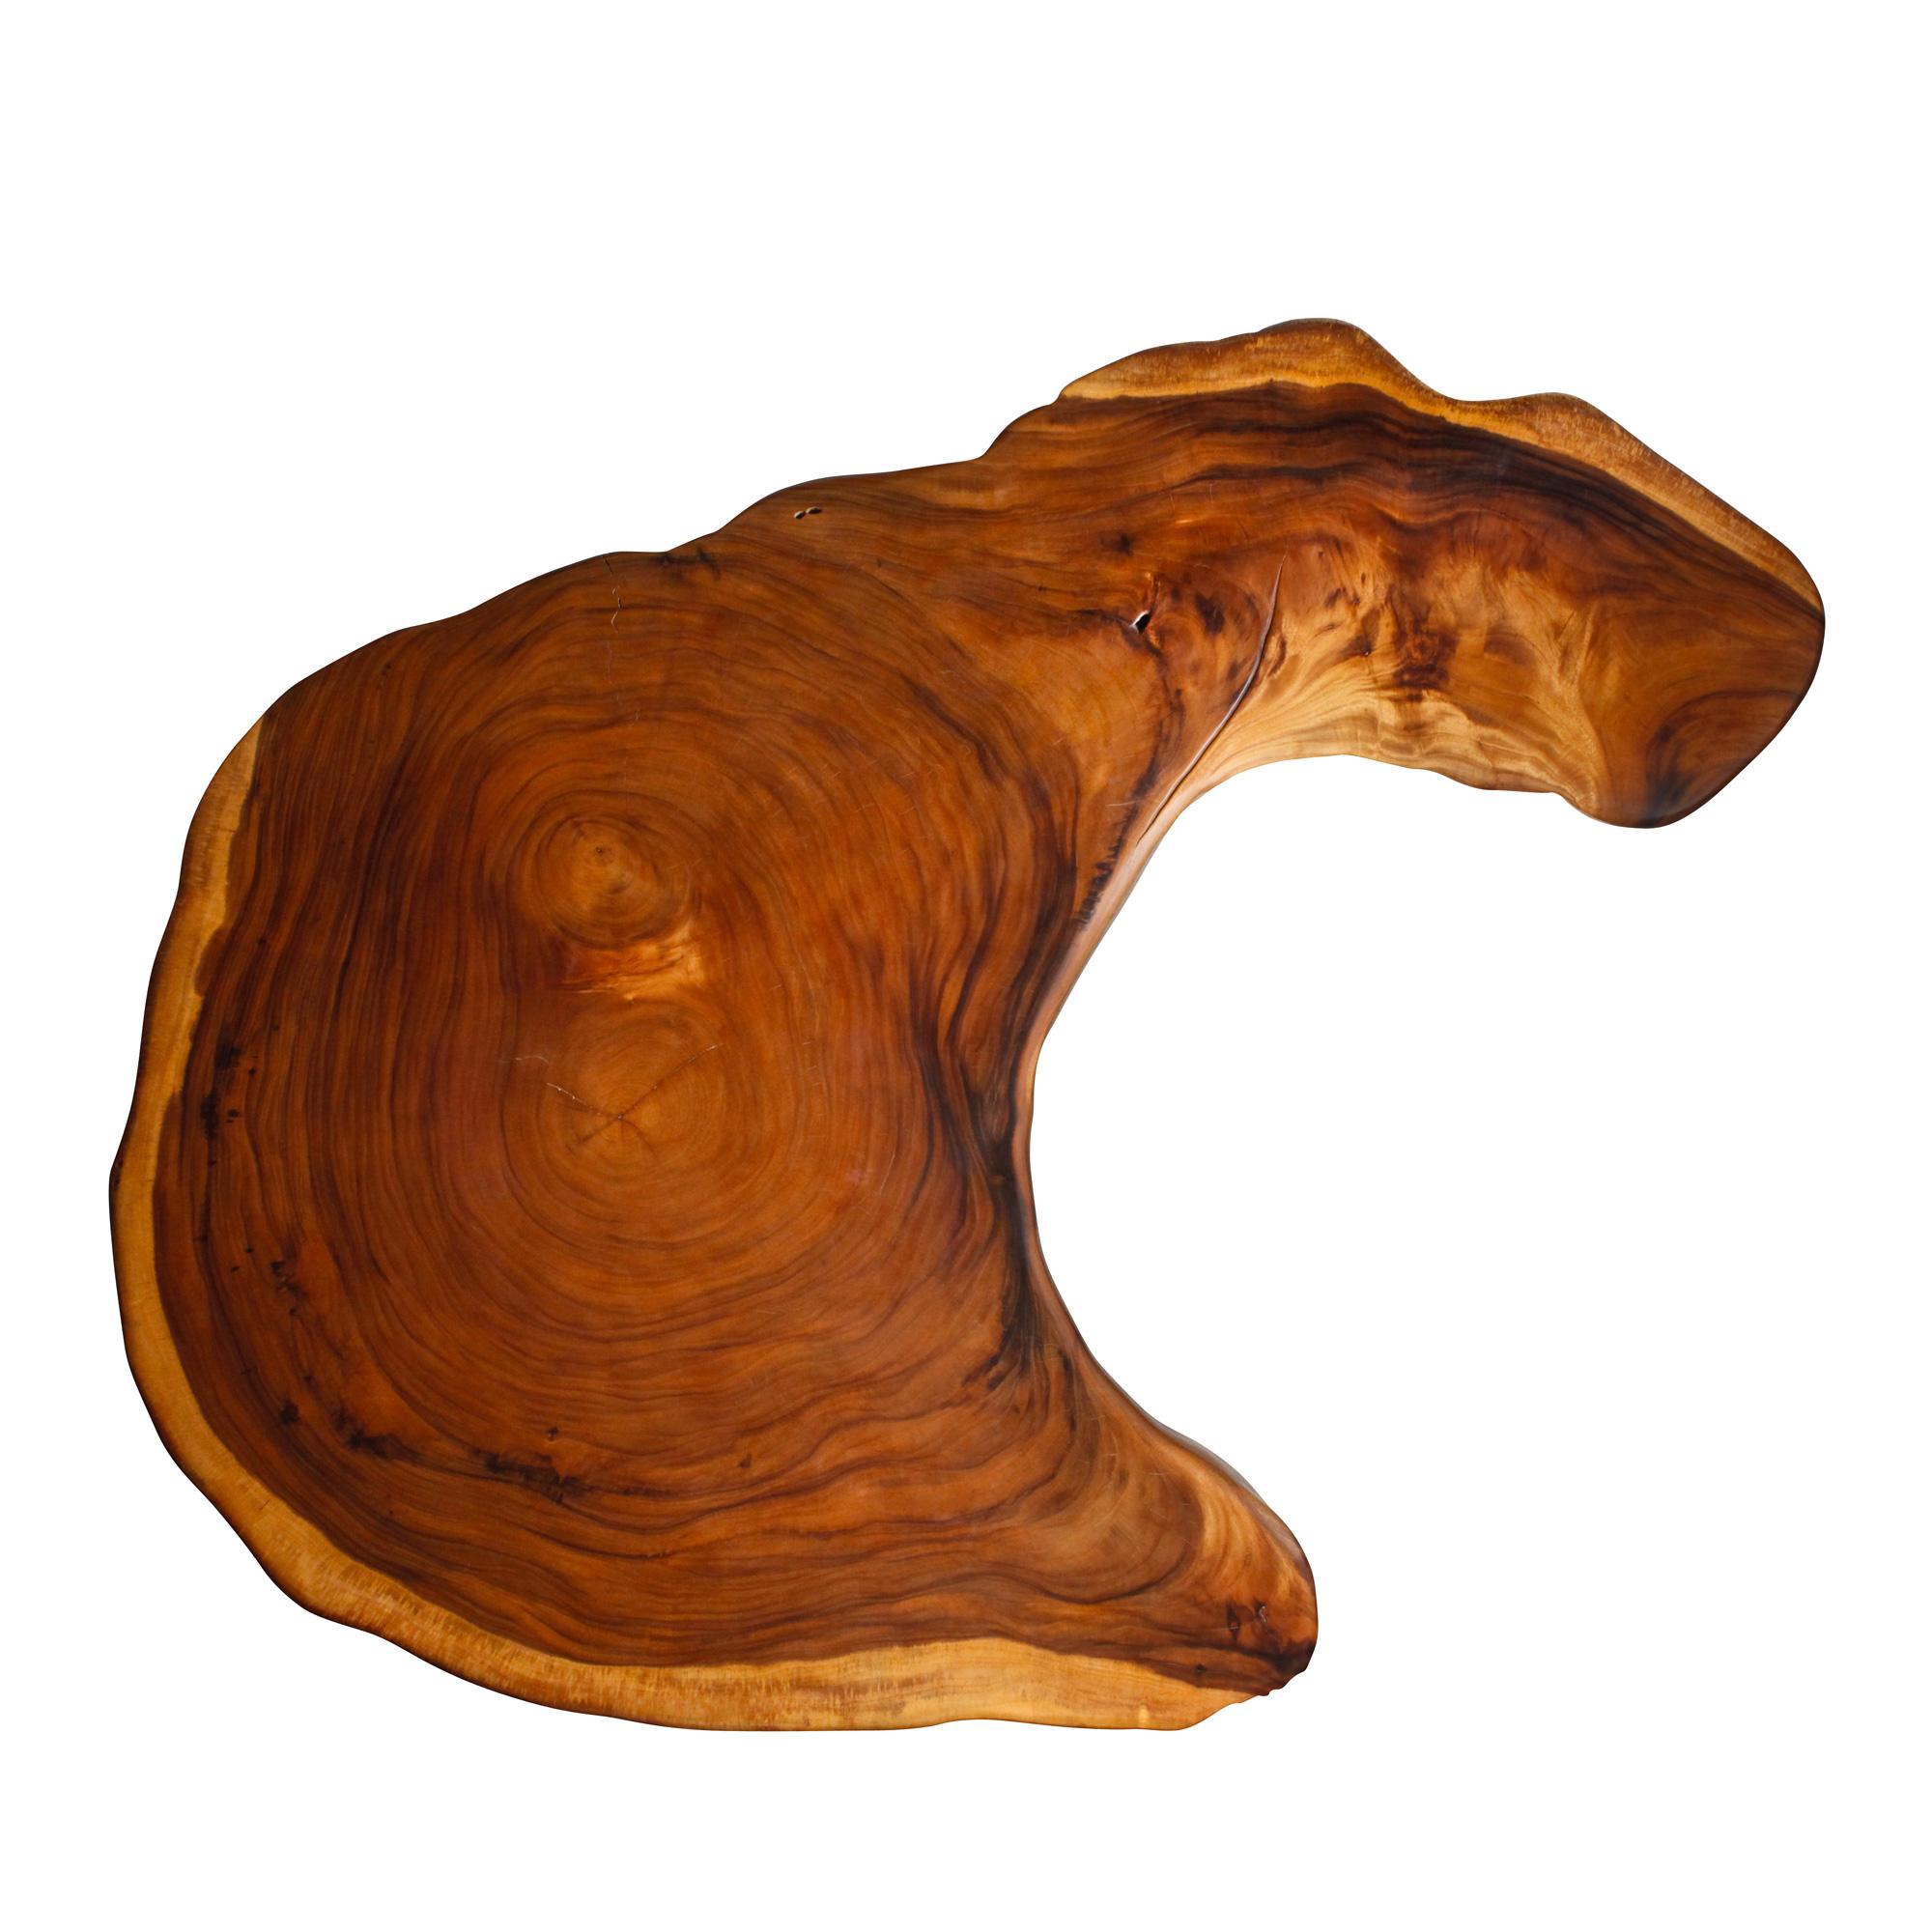 Saman Natural Wood Art - ES1